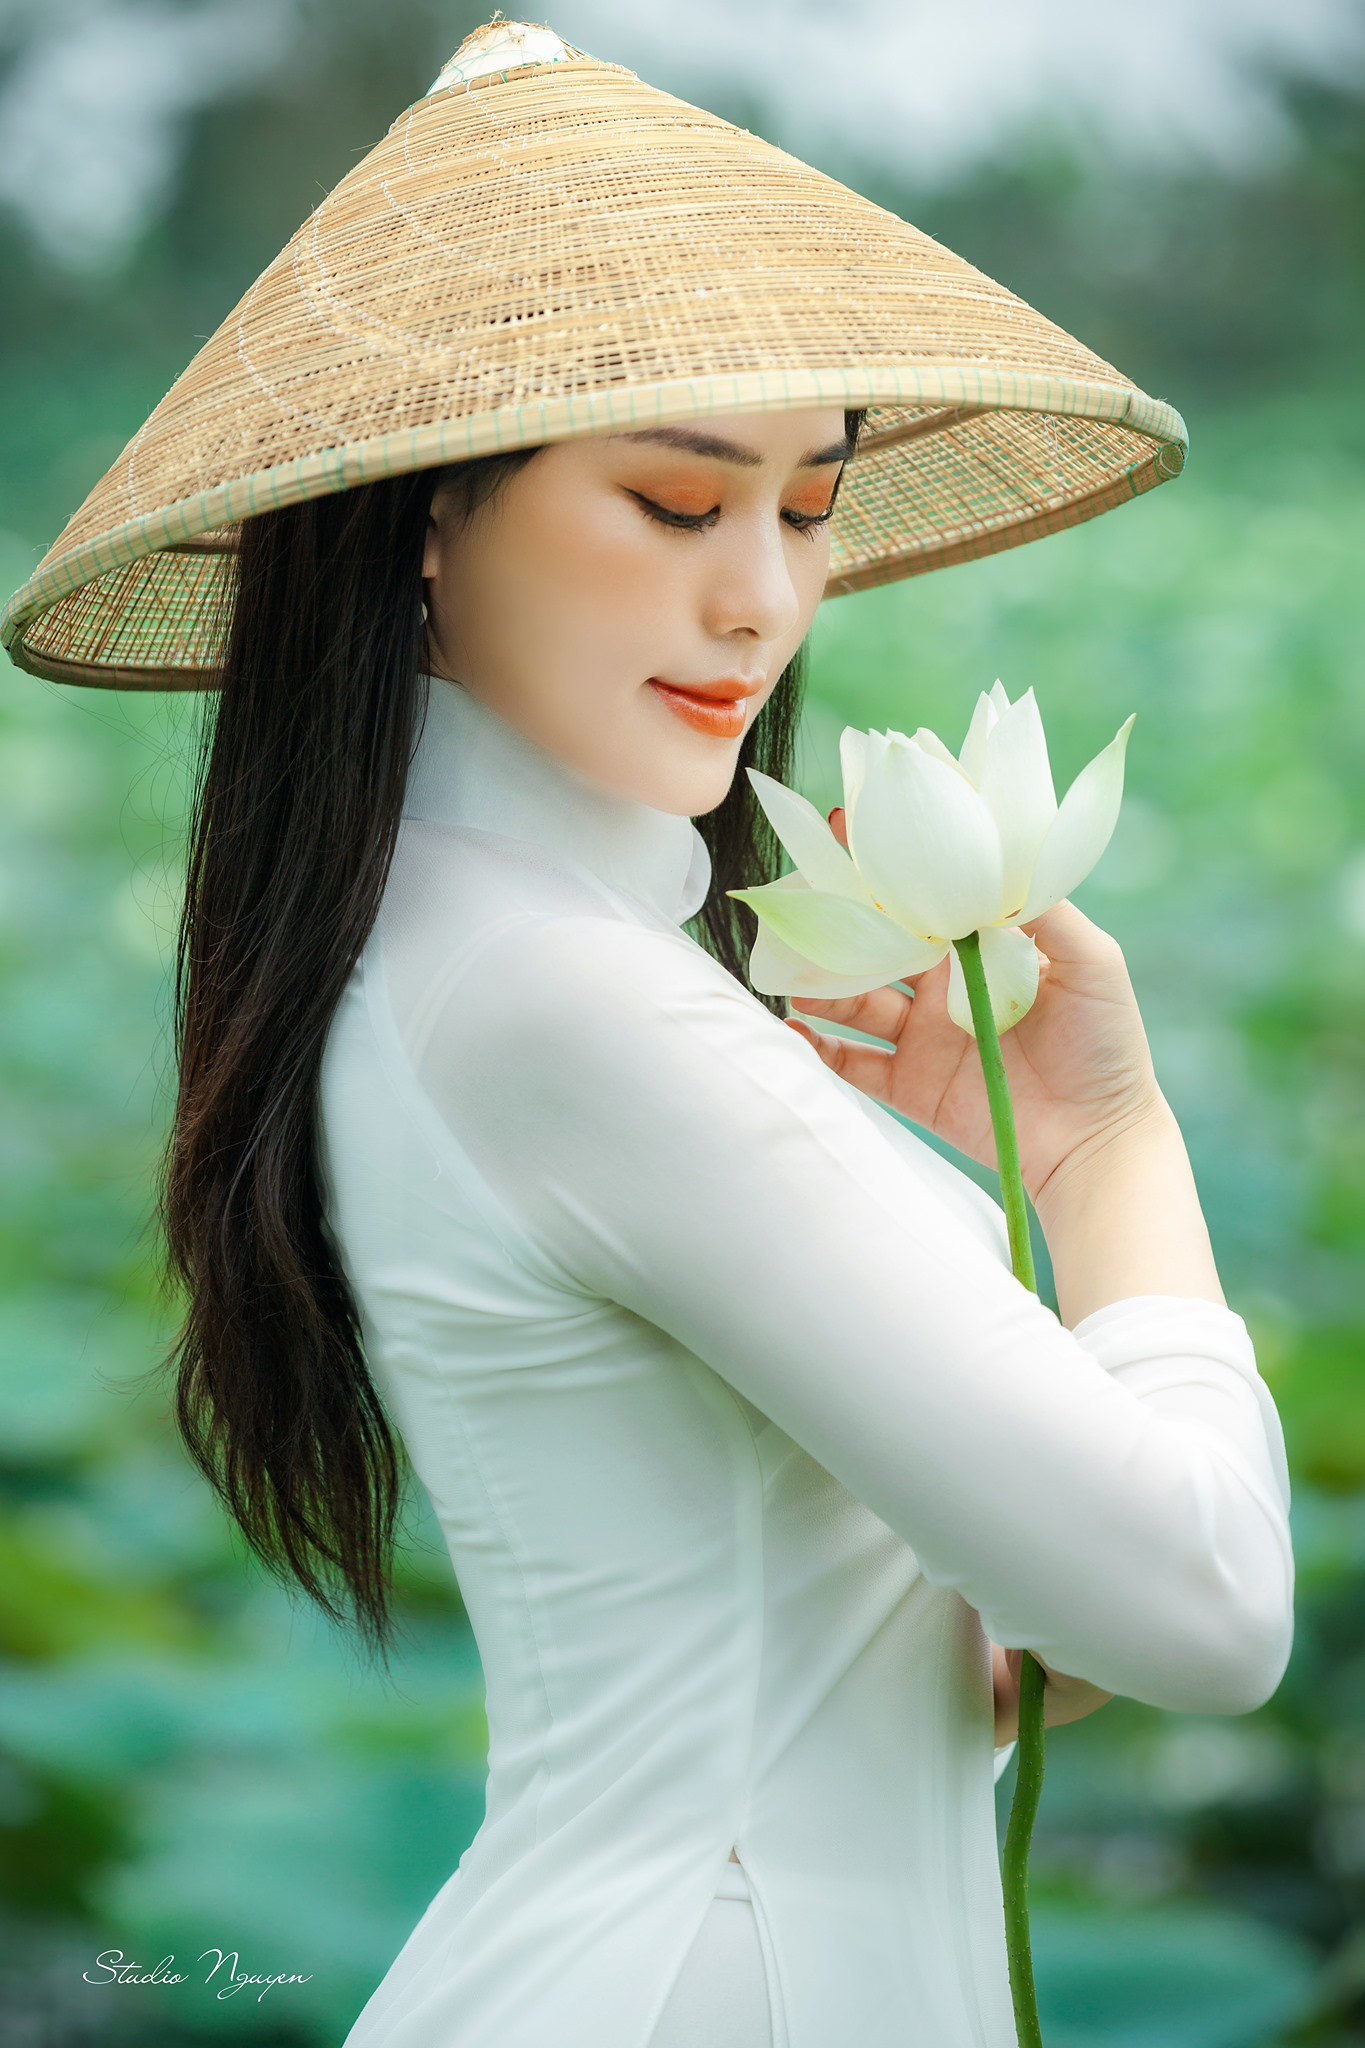 Tuyển tập girl xinh gái đẹp Việt Nam mặc áo dài đẹp mê hồn #57 - 8